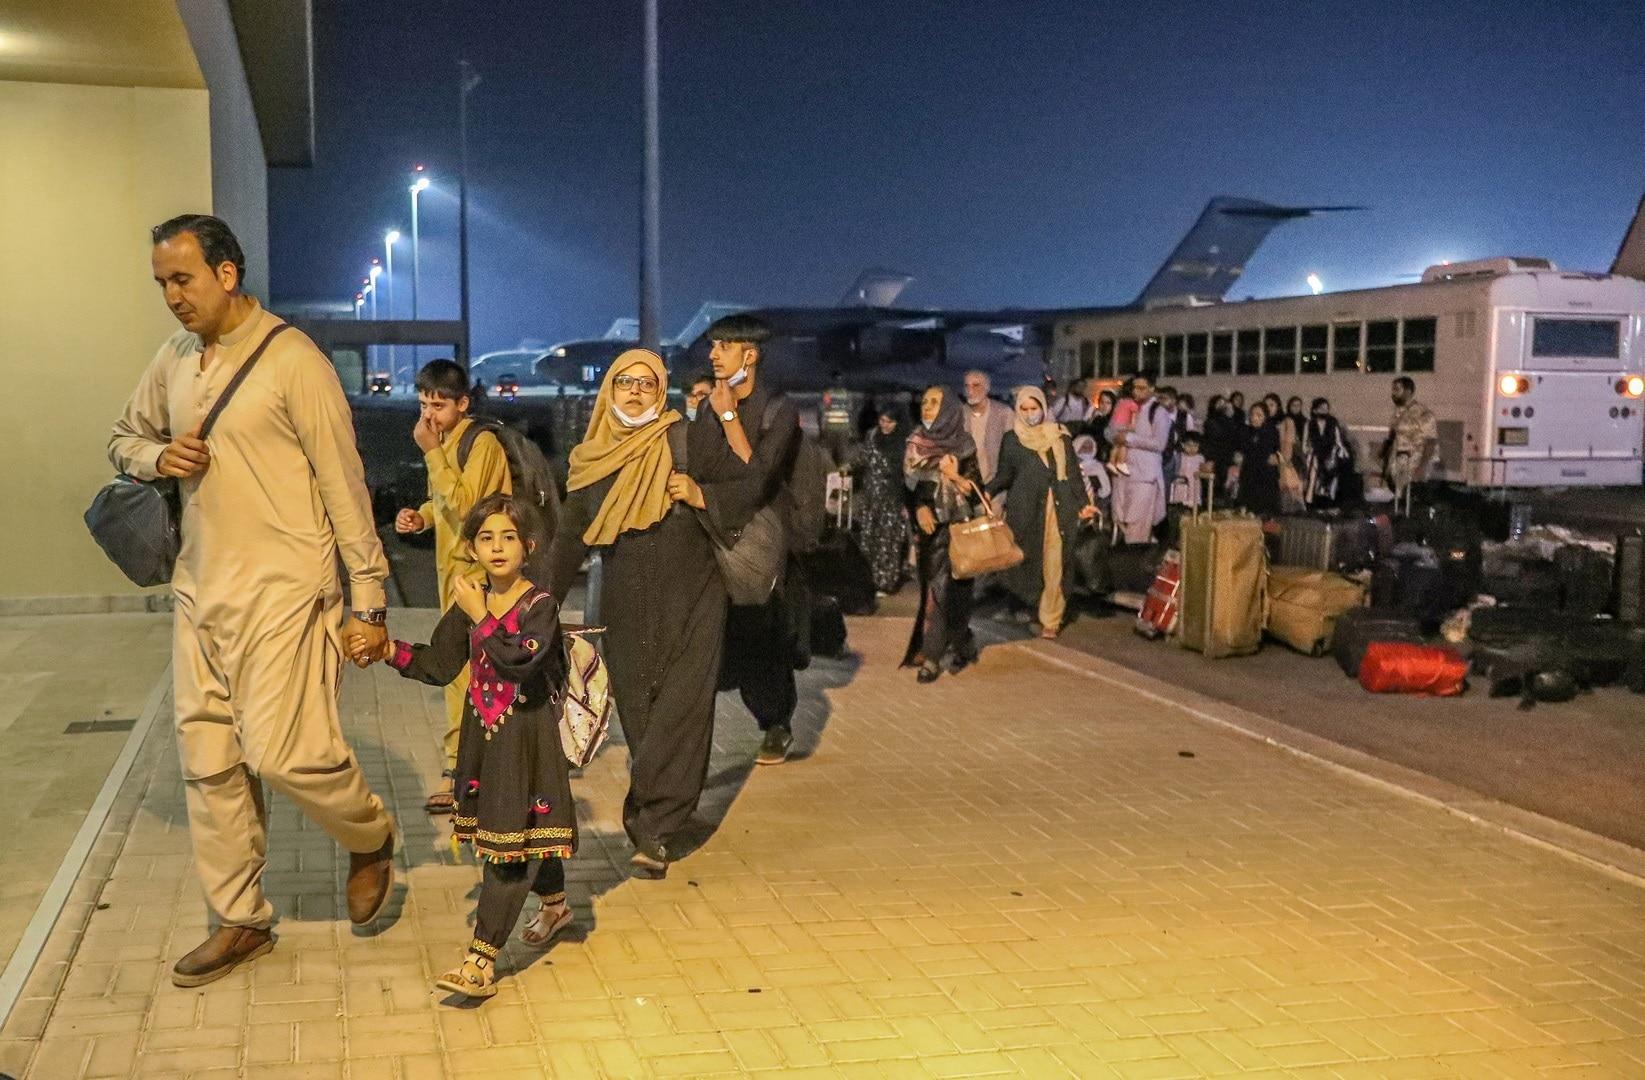 لولوة الخاطر تنشر فيديو من مقر إقامة اللاجئين الأفغان بقطر.. ما قصة المصحف والسجادة؟